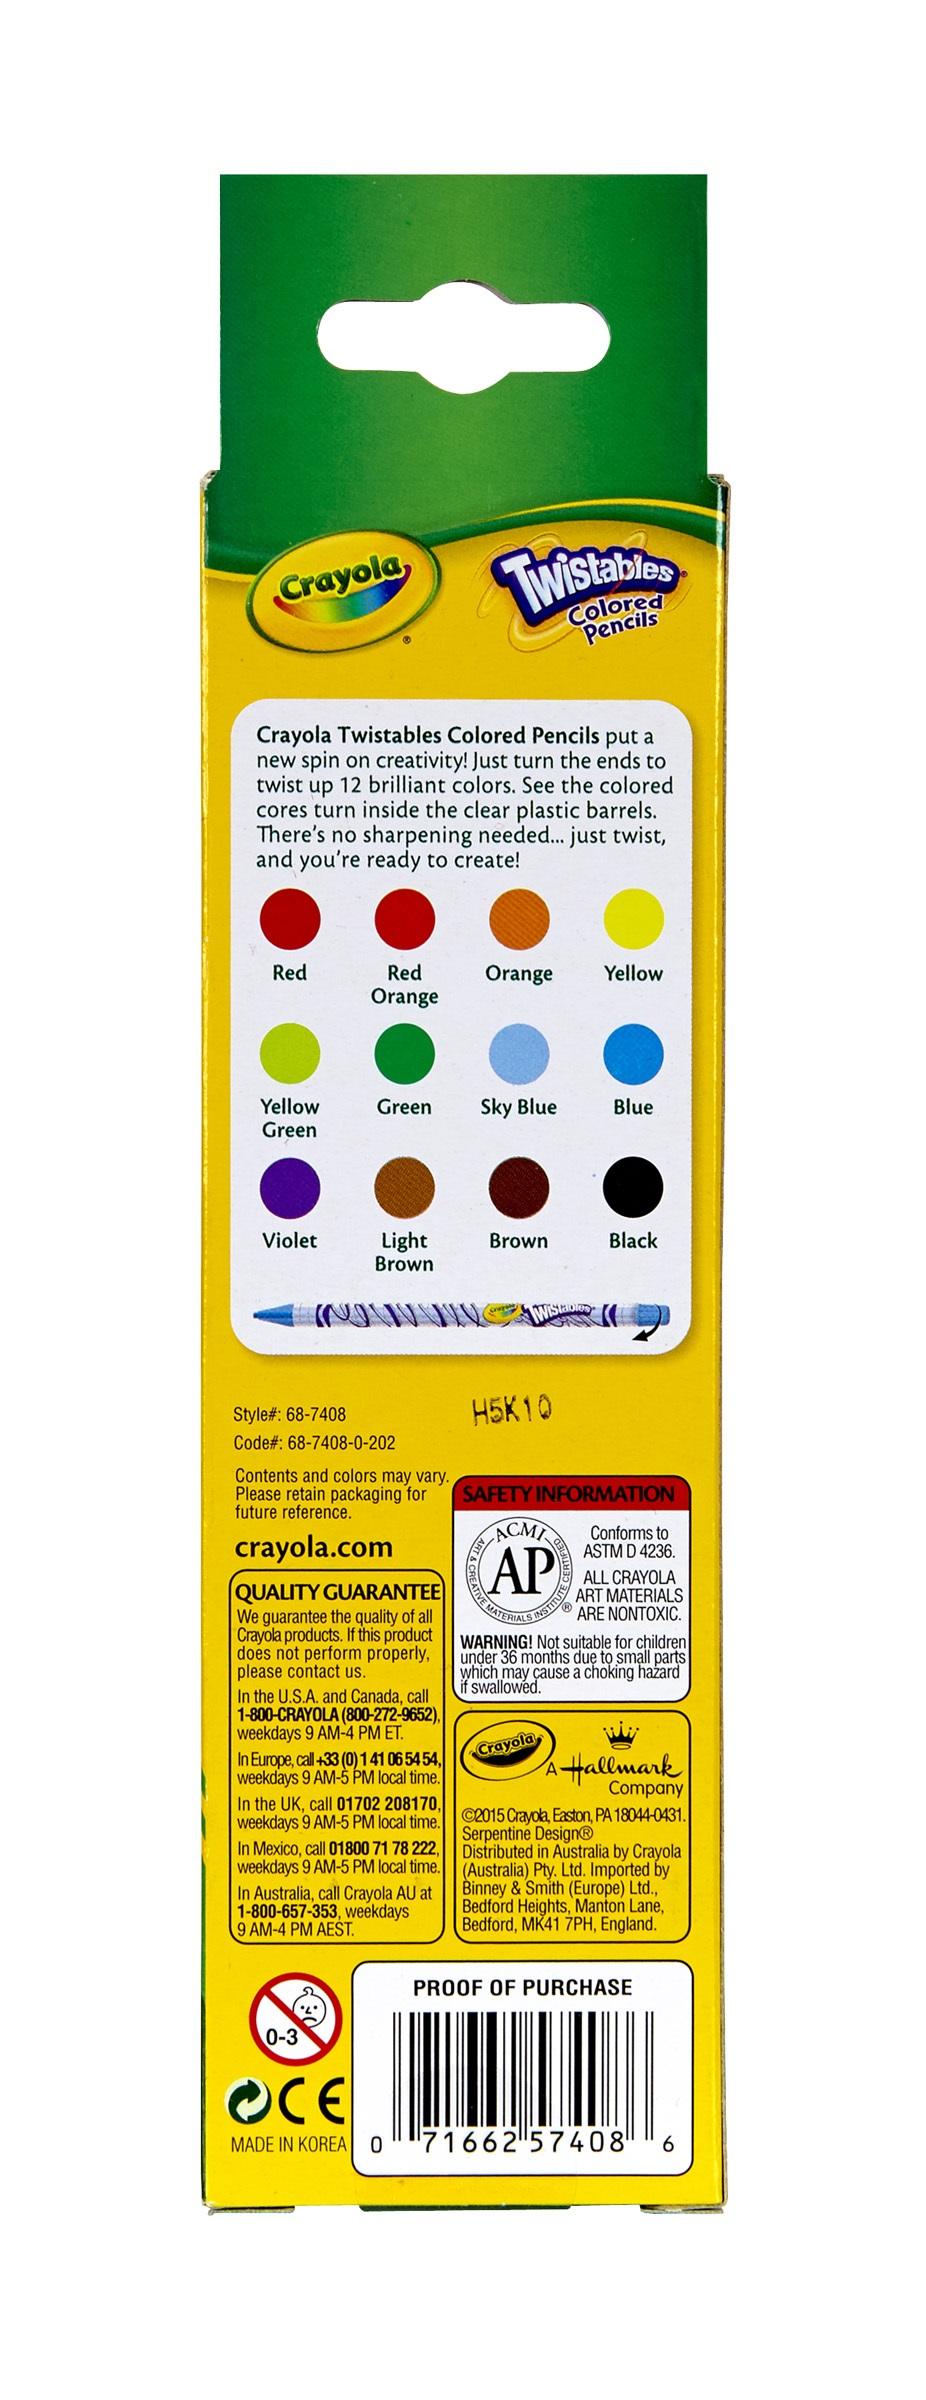 crayola 12 count twistable colored pencils walmartcom - Crayola Colored Pencils Twistables